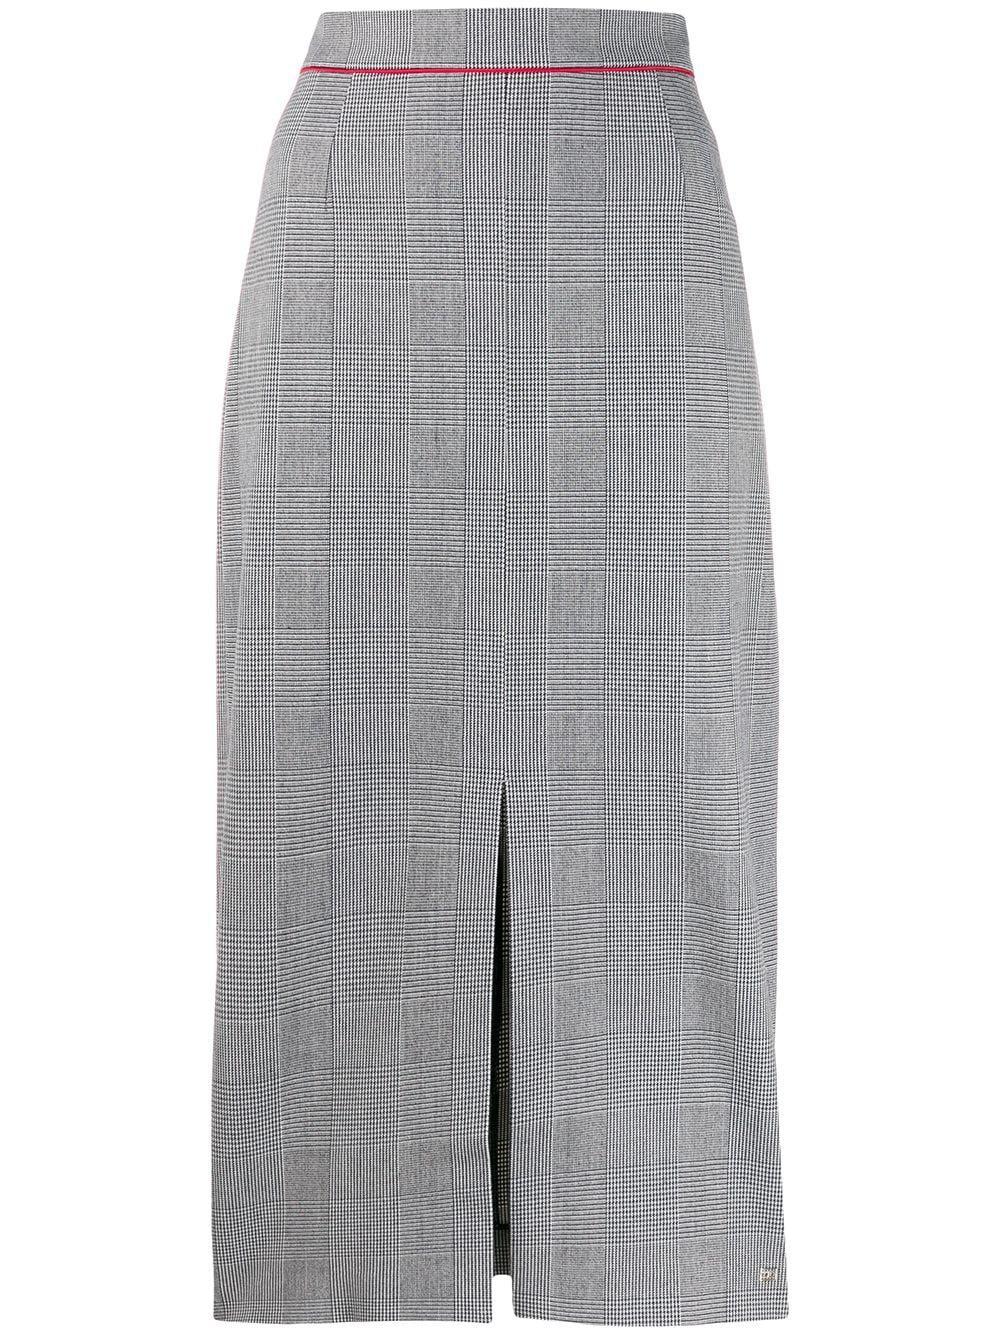 Tommy Hilfiger юбка-карандаш в клетку с завышенной талией